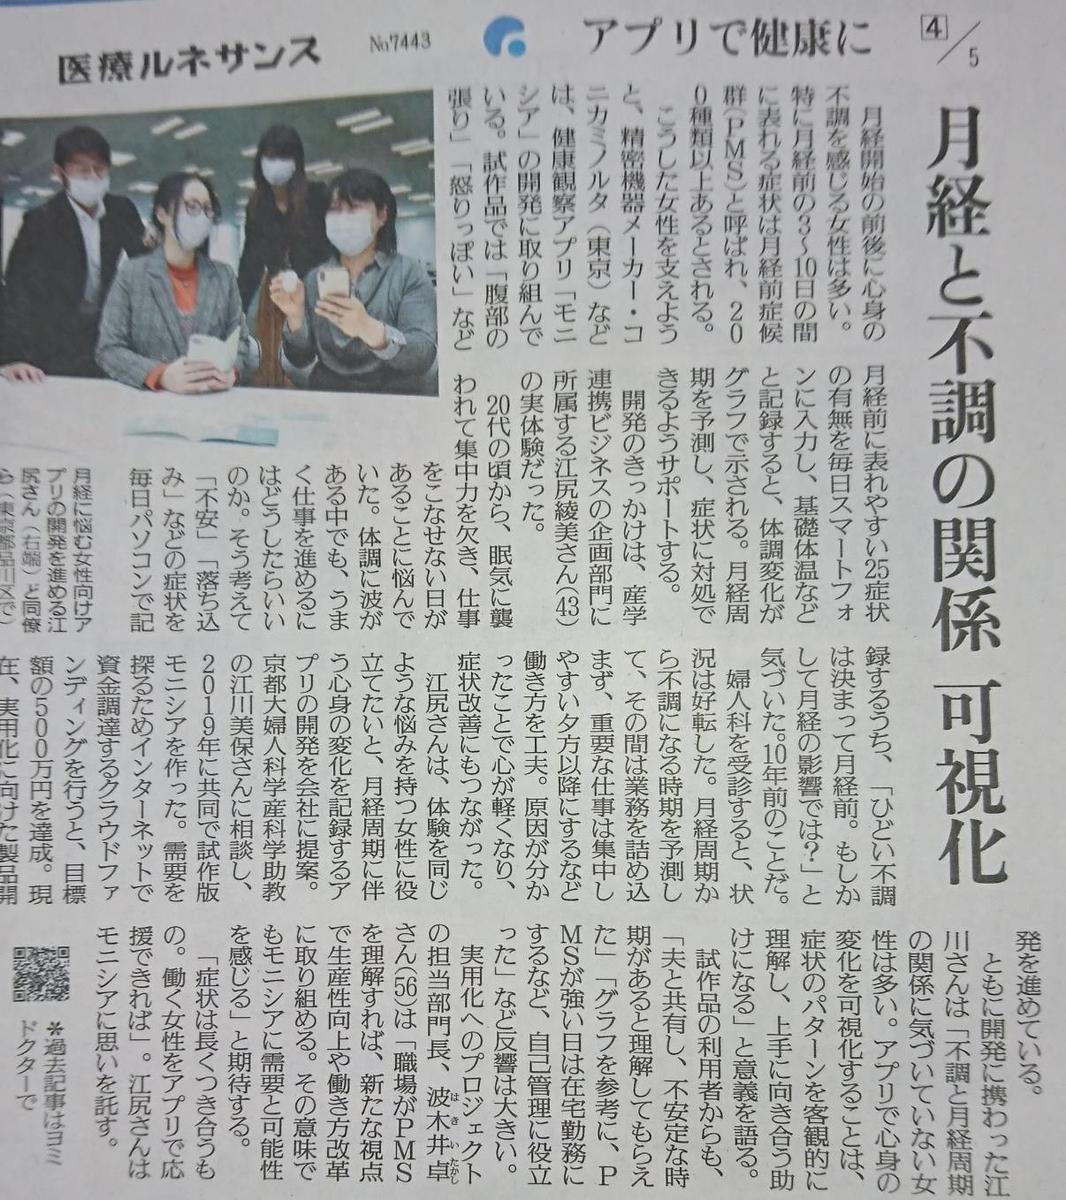 f:id:kazura-kobayashi:20210130144410j:plain